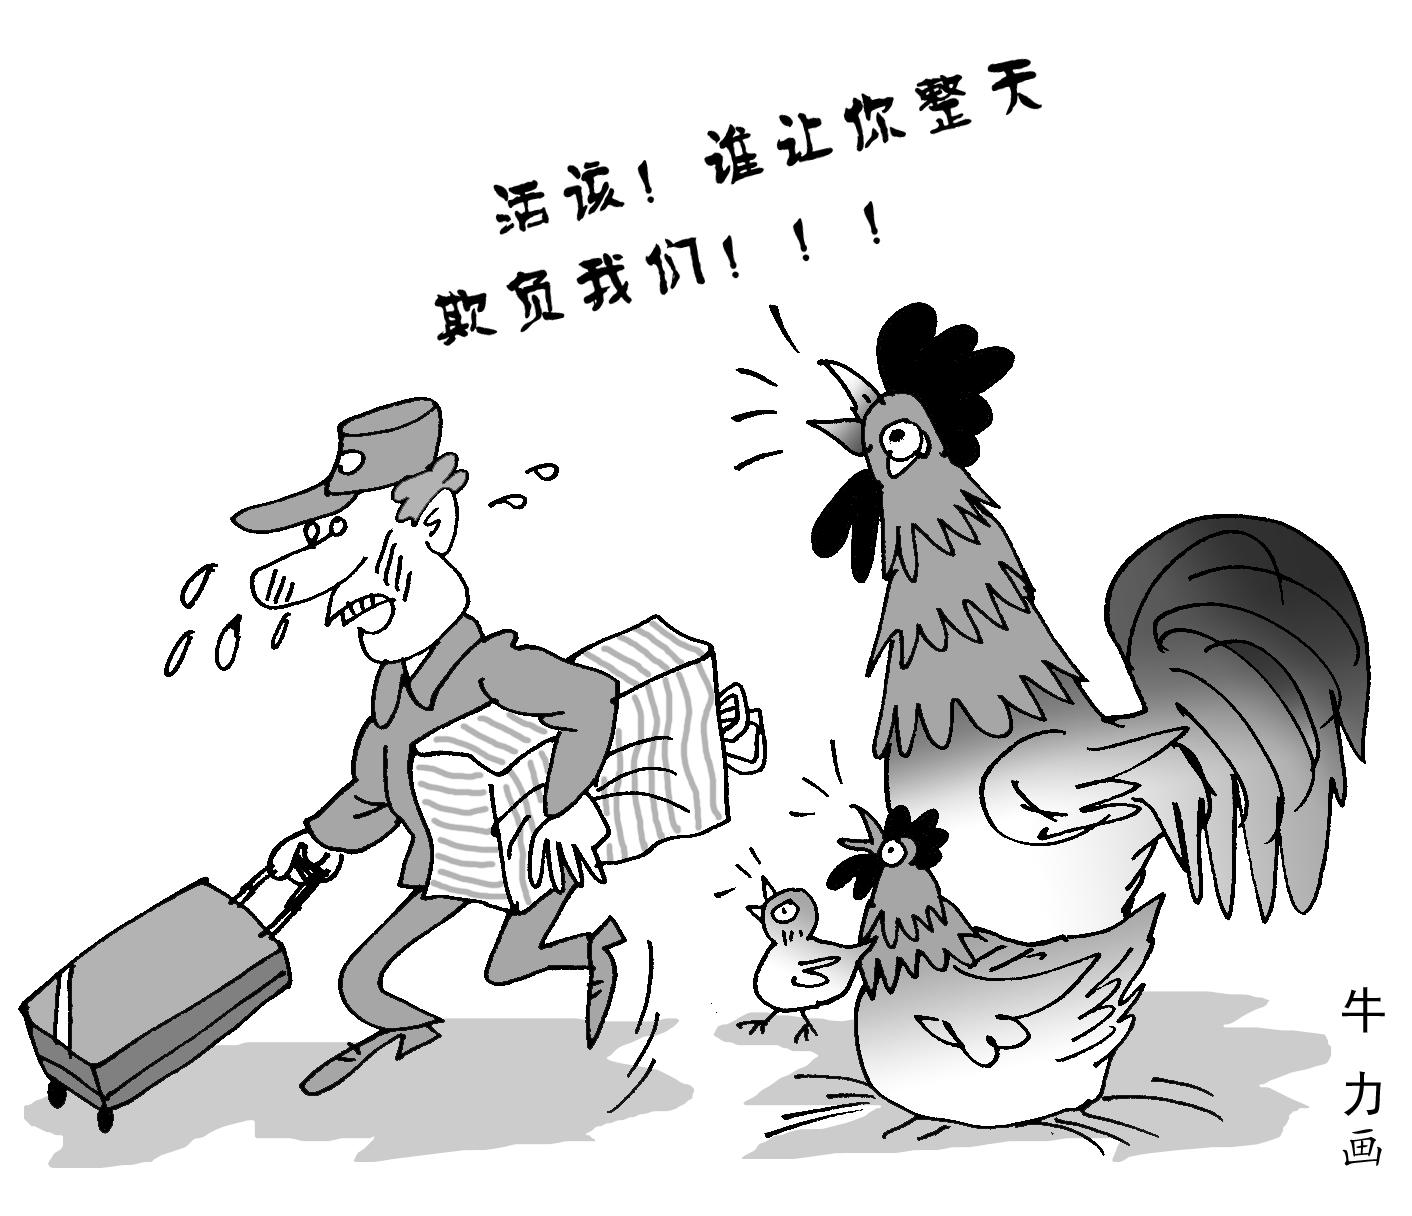 动漫 简笔画 卡通 漫画 手绘 头像 线稿 1412_1216